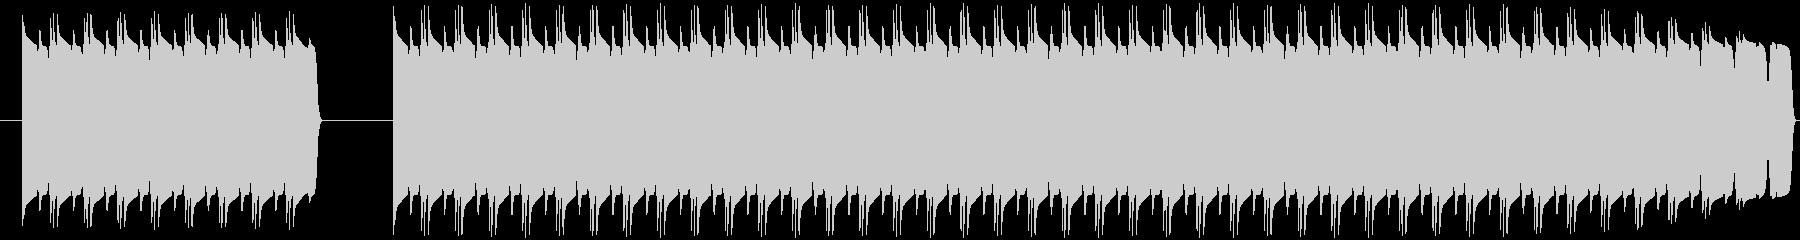 不正解音 ブブー (ブリブリ音)の未再生の波形